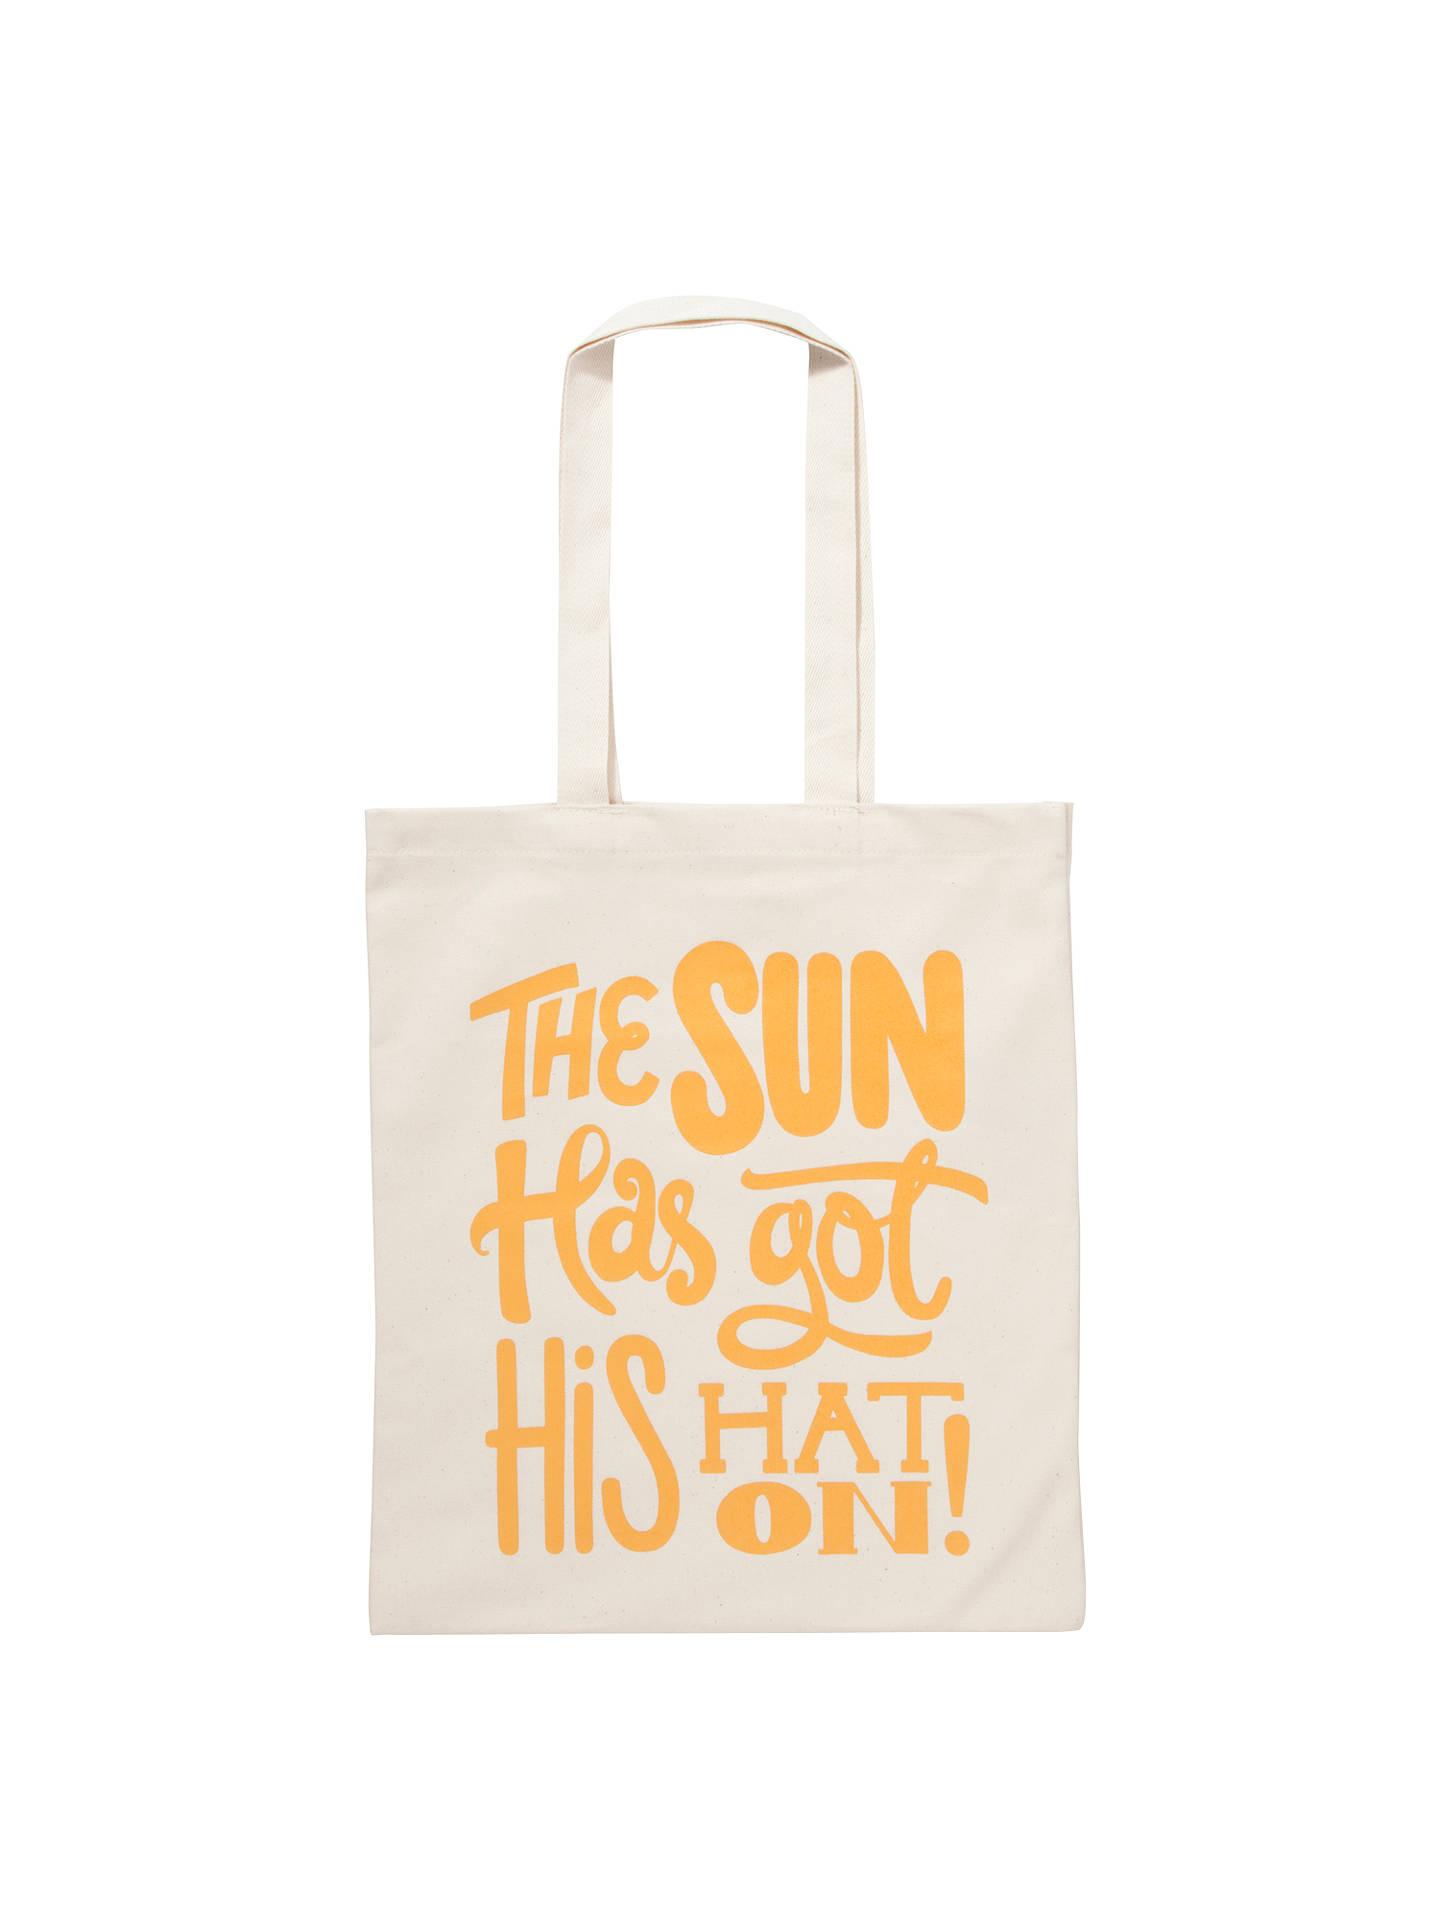 77ad8de42 Buy Alphabet Bags Canvas Shopper Bag, The Sun Online at johnlewis.com ...